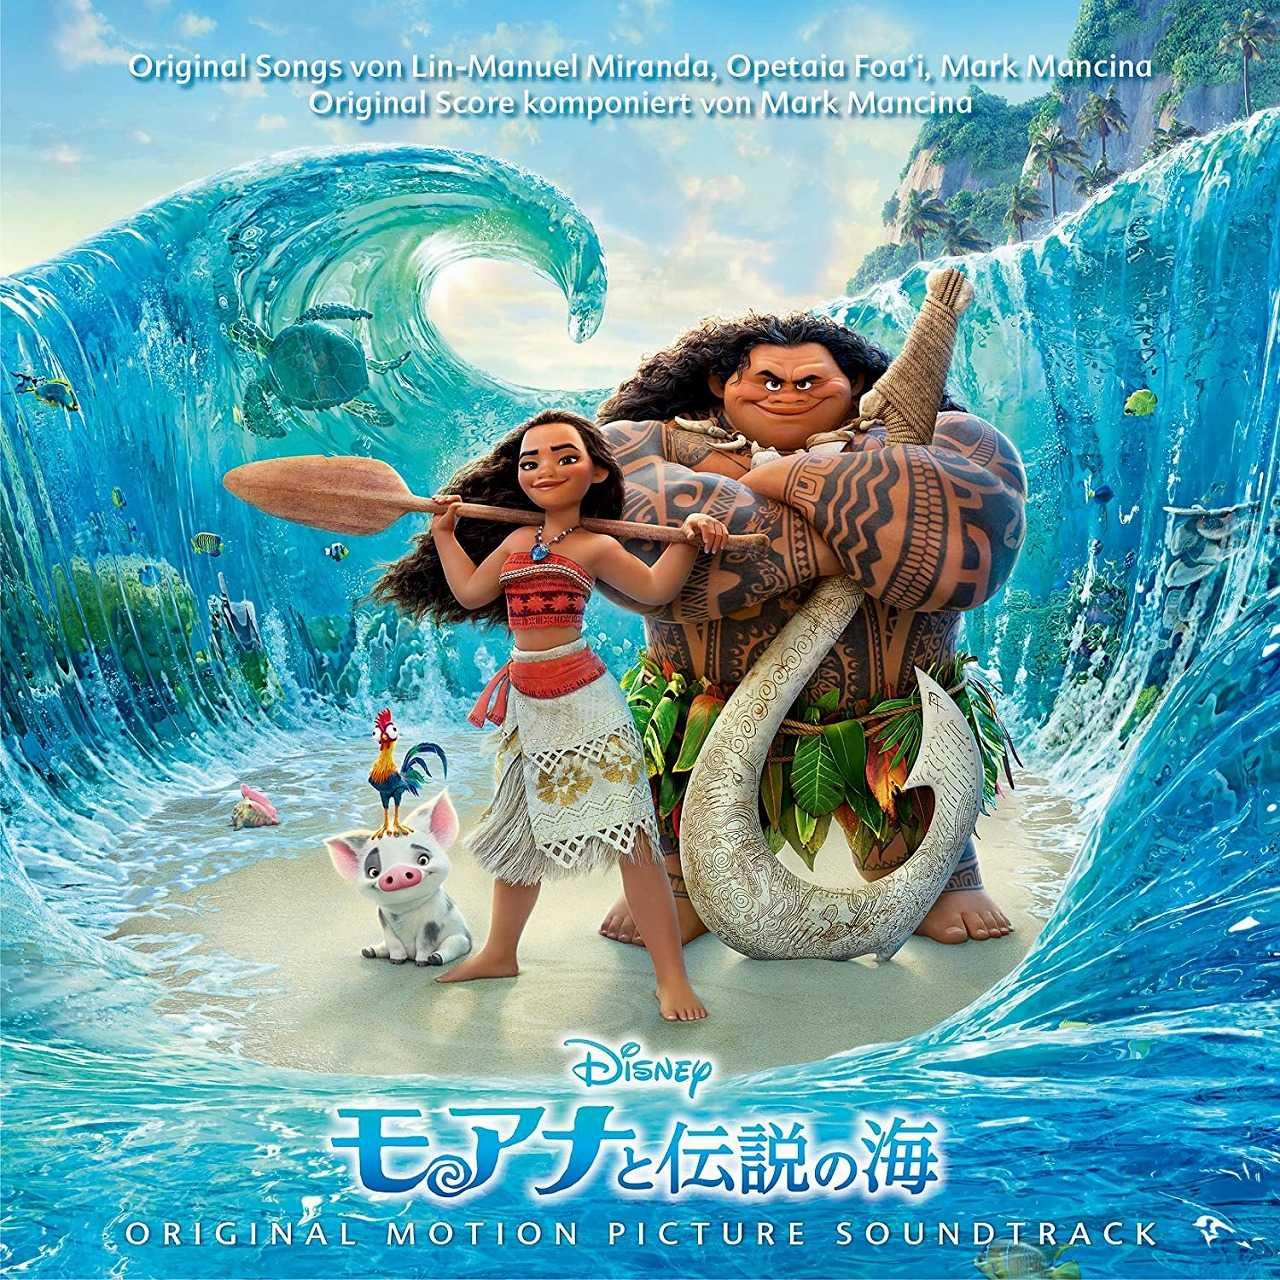 映画「モアナと伝説の海」は自分探しの冒険の旅!胸躍るストーリーを紹介